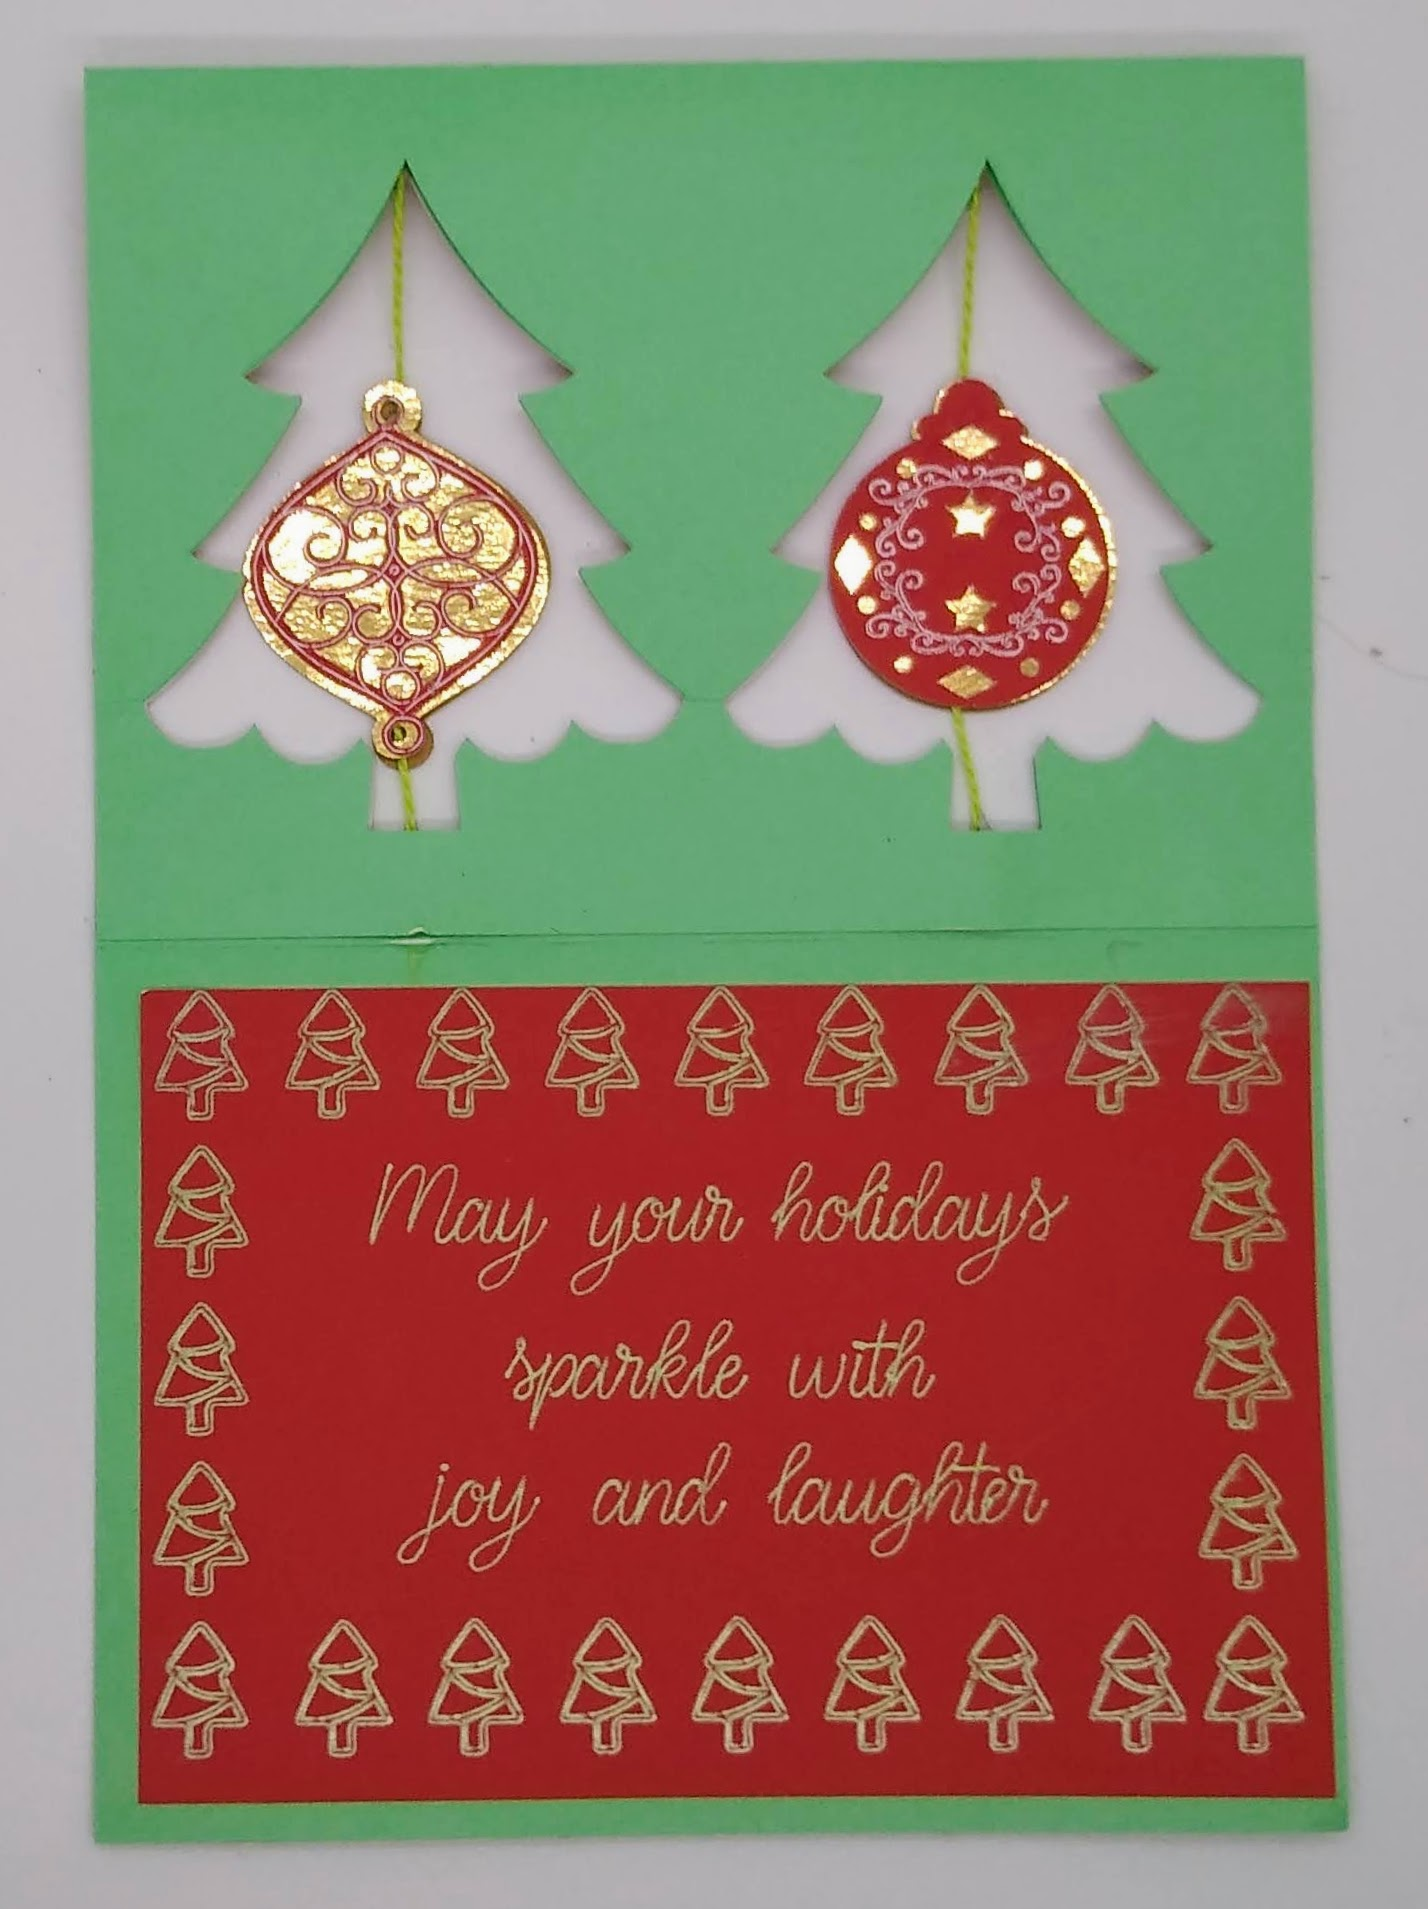 Impressive!  Double Twirl Ornament Card